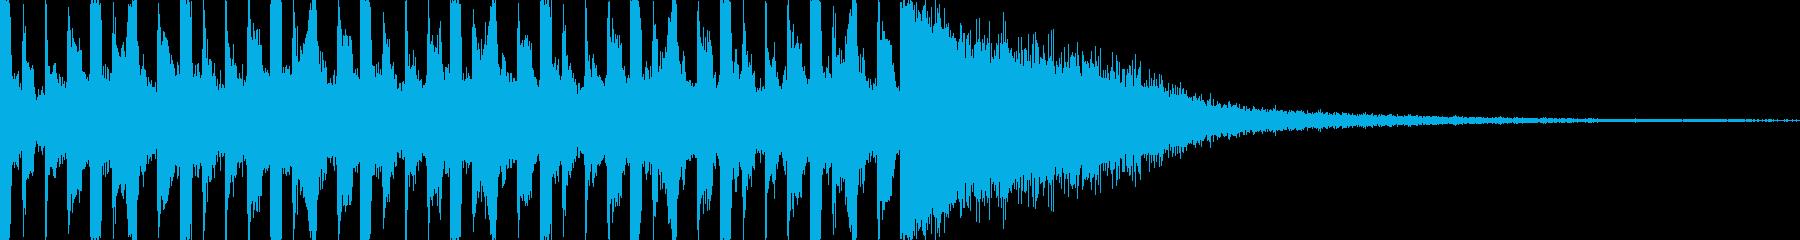 ネガディブなカウントダウン(10秒)の再生済みの波形